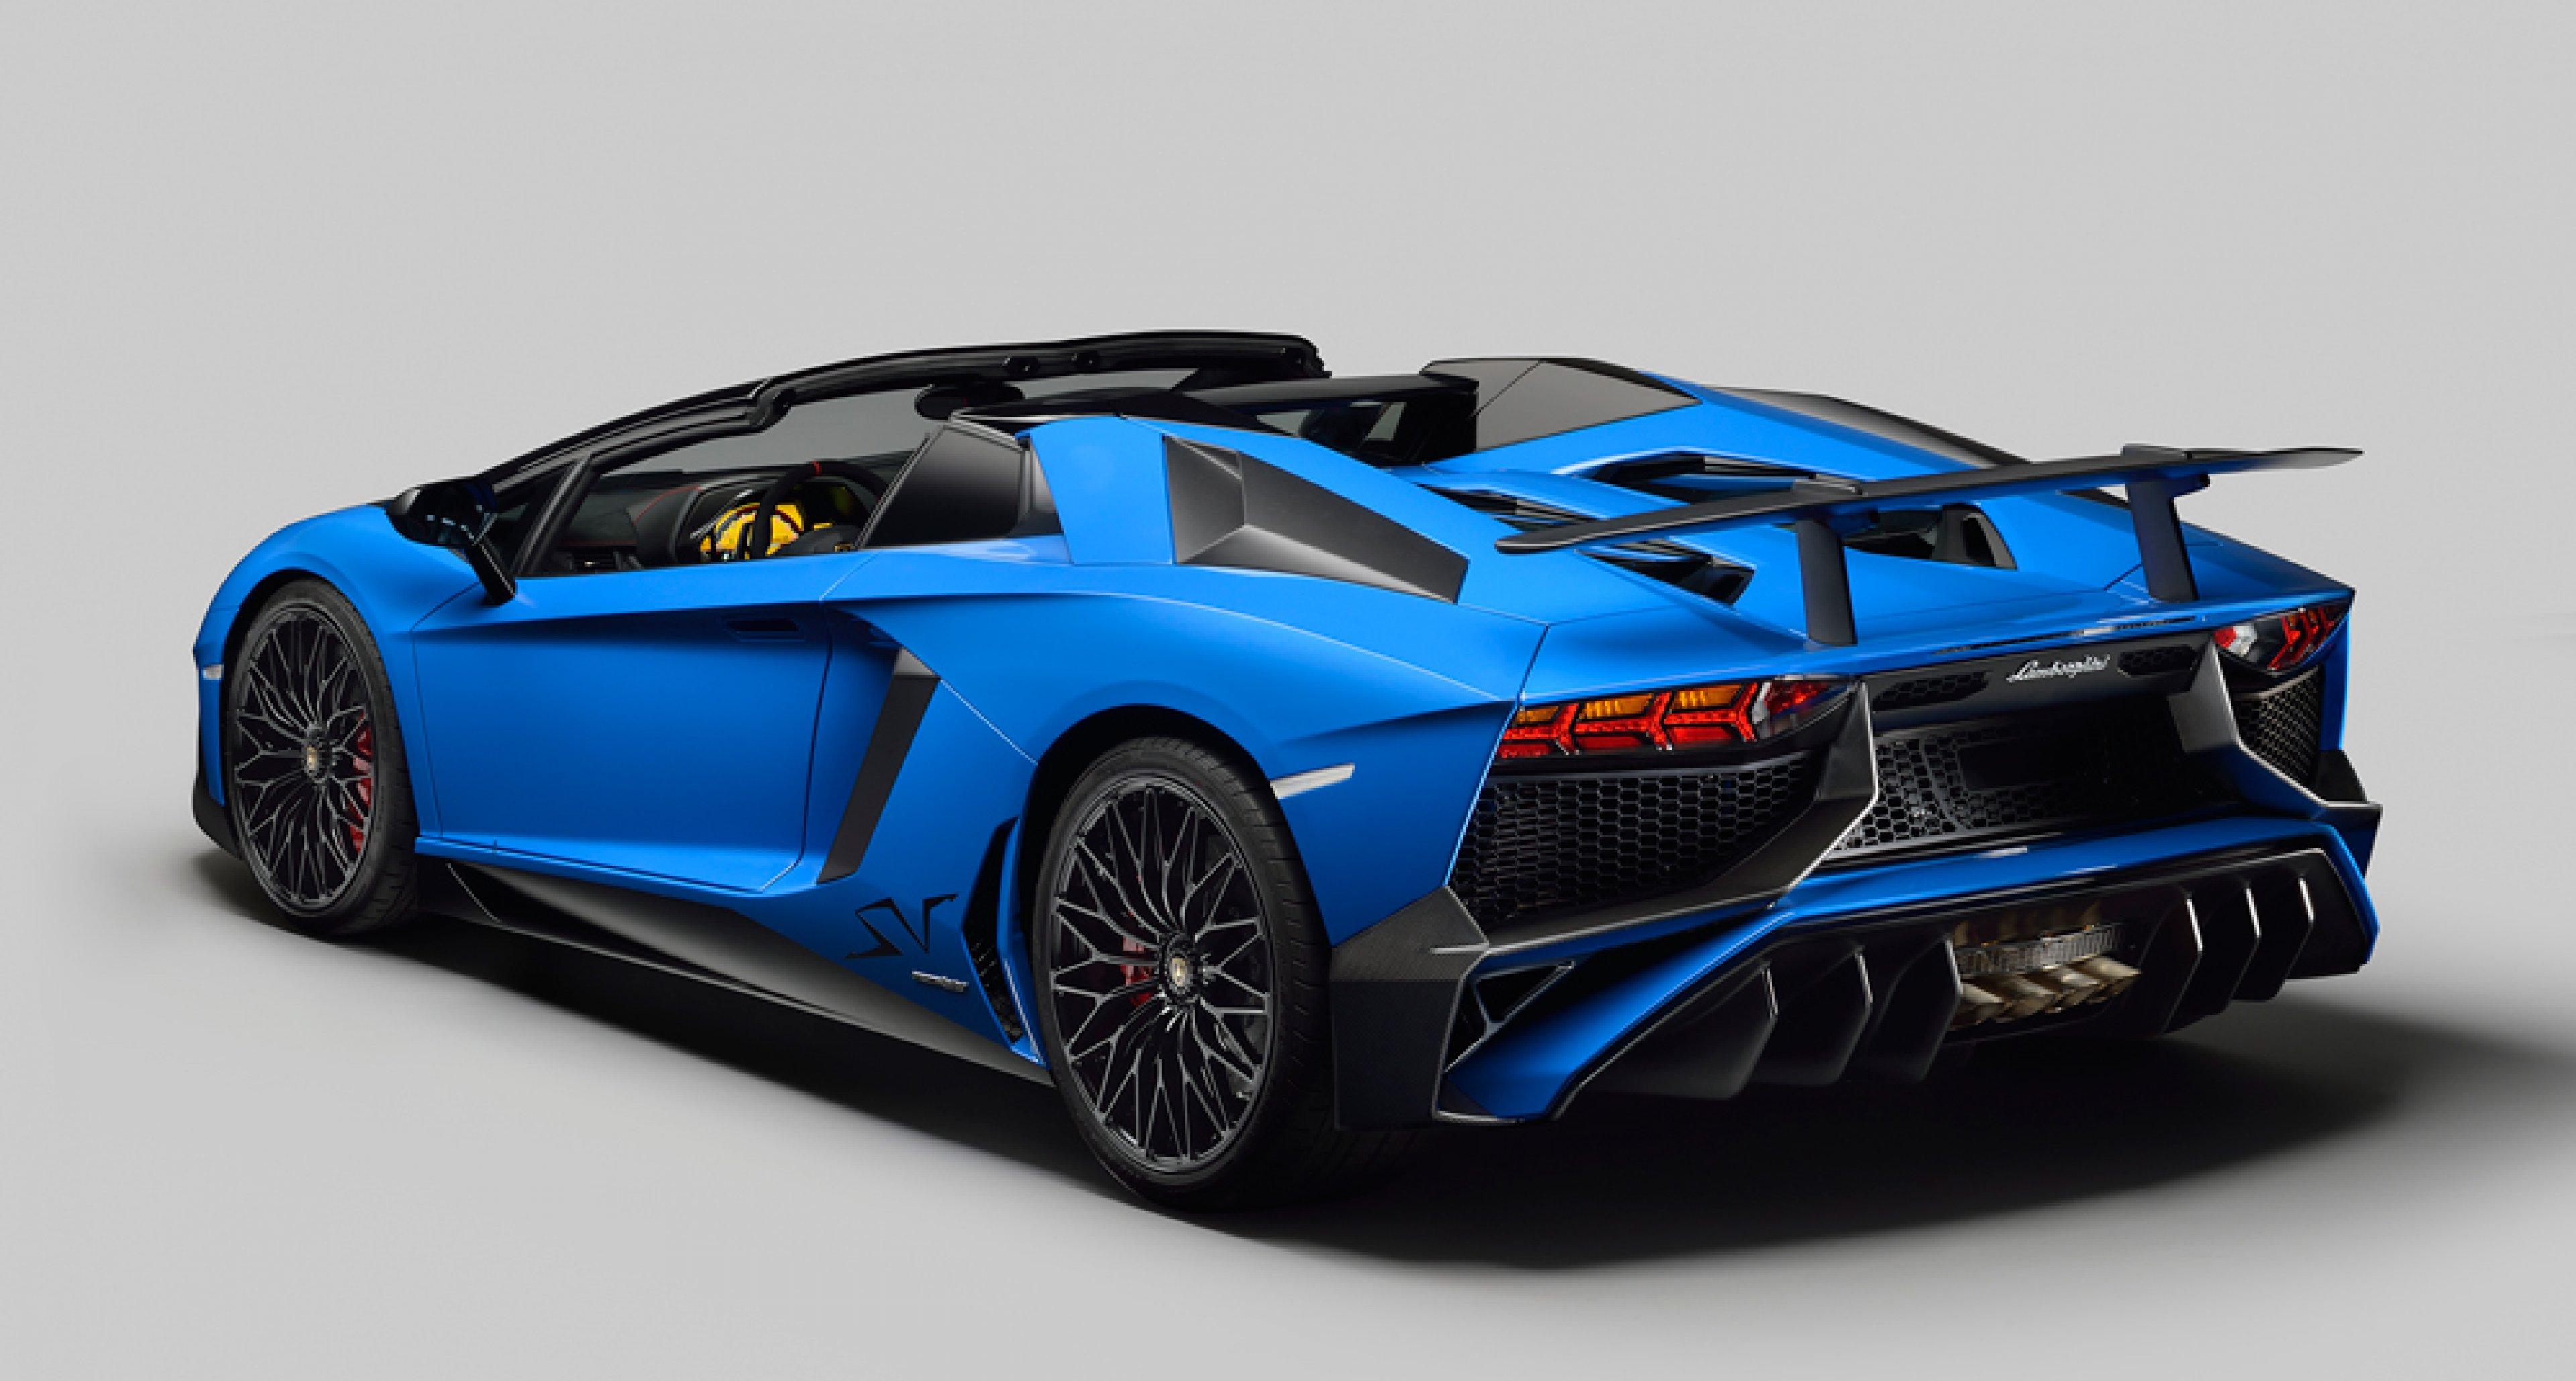 Topless At 217mph U2013 The New Lamborghini Aventador SV Roadster | Classic  Driver Magazine